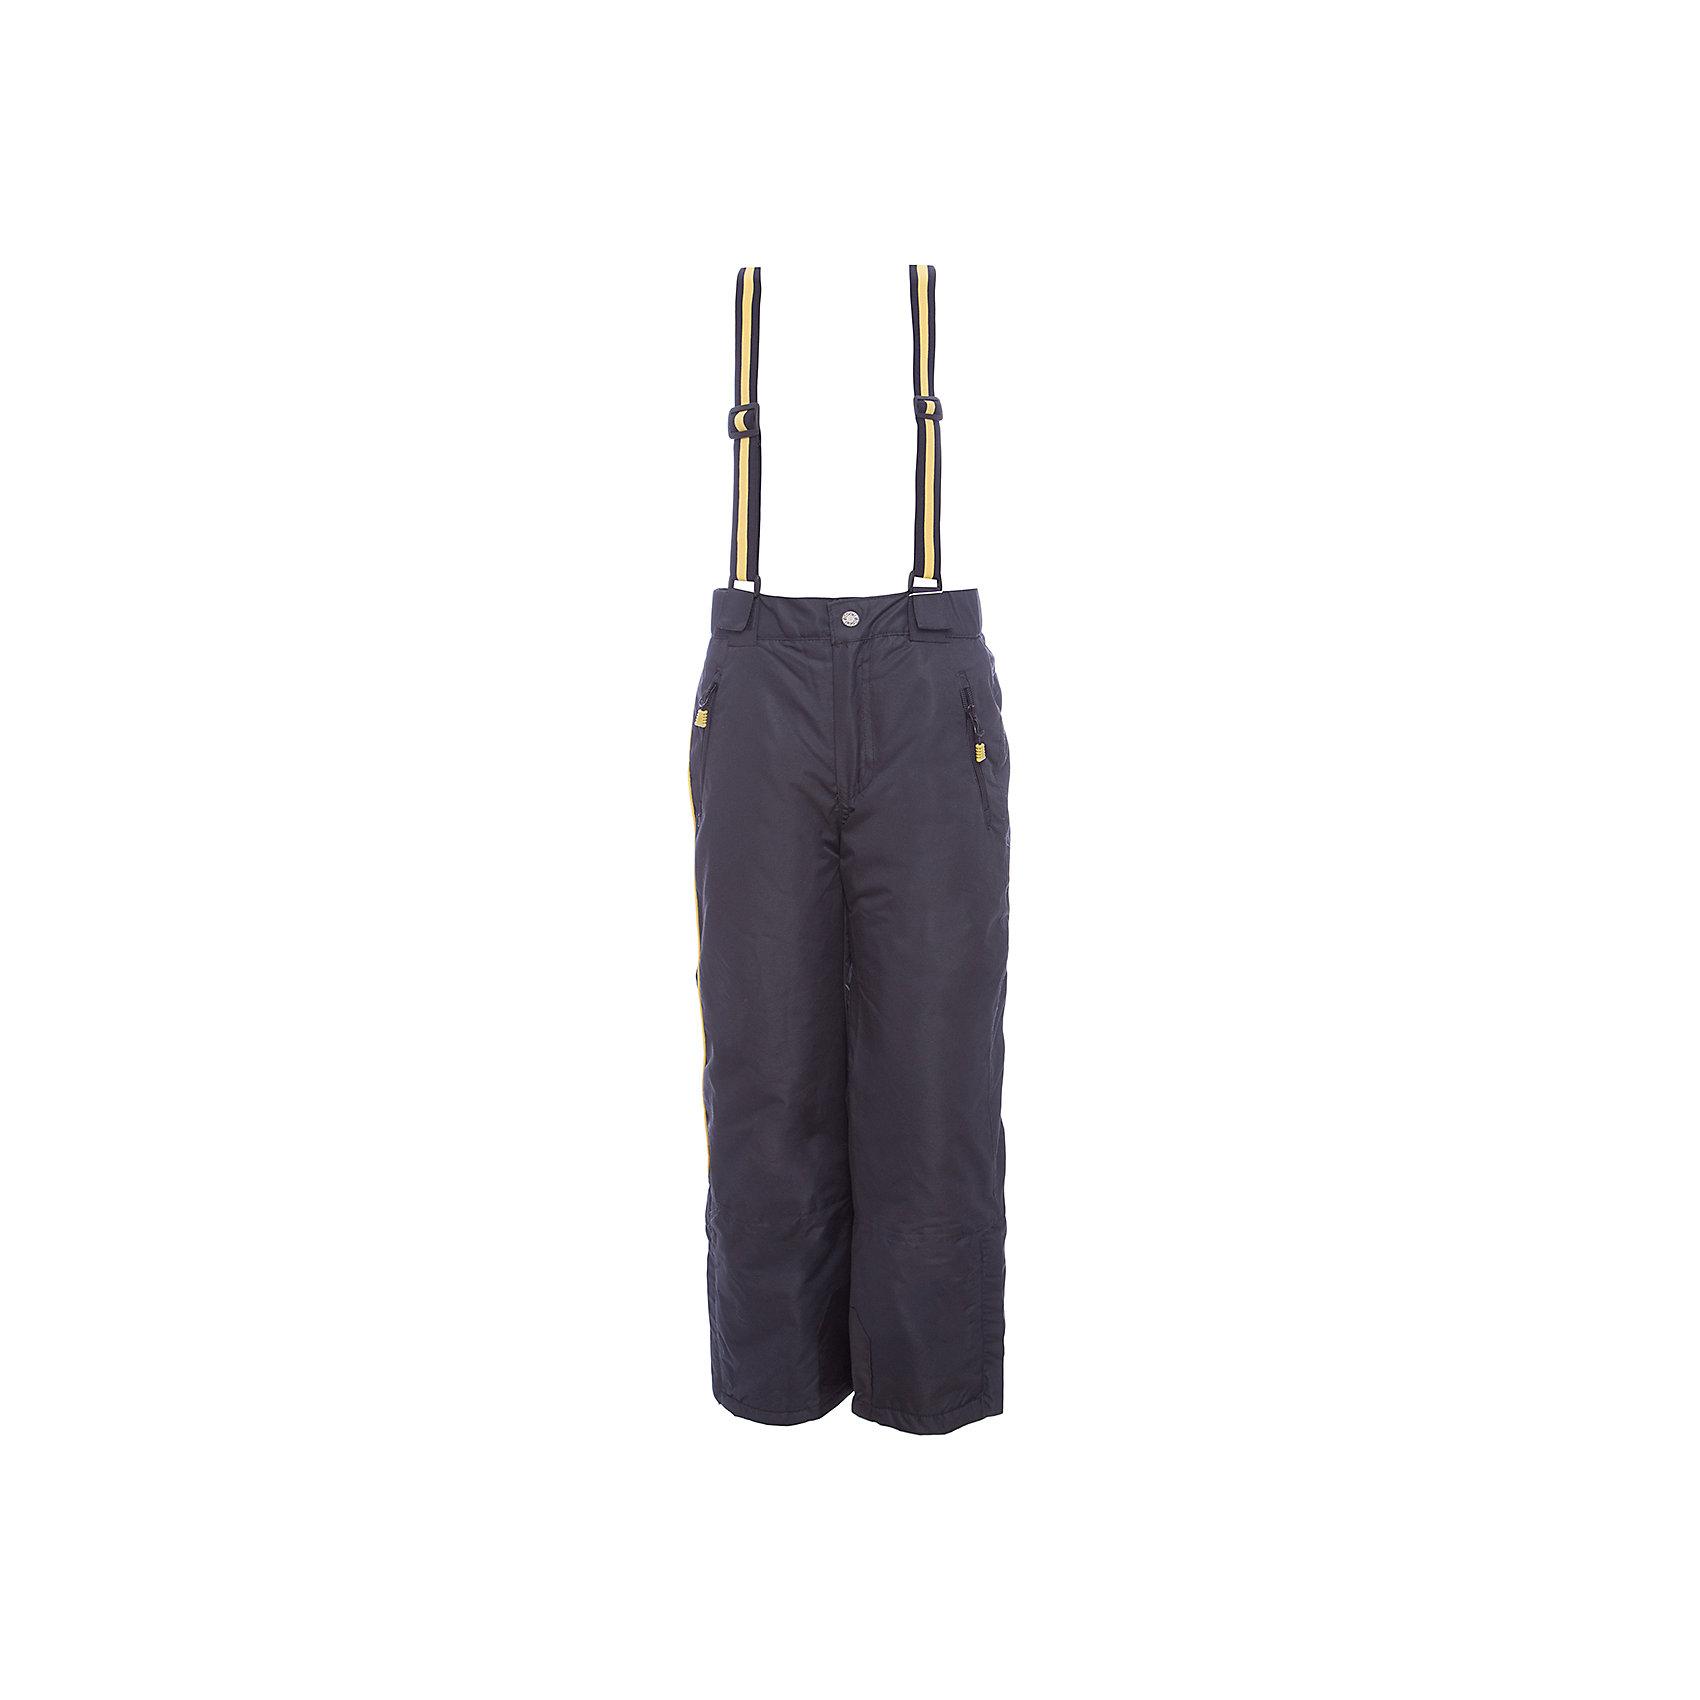 Брюки Scool для мальчикаВерхняя одежда<br>Брюки Scool для мальчика<br>Теплые брюки из водонепроницаемой ткани. Пояс на широкой резинке. Застегивается на застежку - молнию и кнопку. Низ штанин дополнен специальными манжетами на резинках. Брюки на регулируемых бретелях. Подкладка из флиса. Модель с двумя встрочными карманами.<br>Состав:<br>Верх: 100% полиэстер, Подкладка: 100% полиэстер, Наполнитель: 100% полиэстер, 100 г/м2<br><br>Ширина мм: 215<br>Глубина мм: 88<br>Высота мм: 191<br>Вес г: 336<br>Цвет: черный<br>Возраст от месяцев: 156<br>Возраст до месяцев: 168<br>Пол: Мужской<br>Возраст: Детский<br>Размер: 164,134,140,146,152,158<br>SKU: 7104873